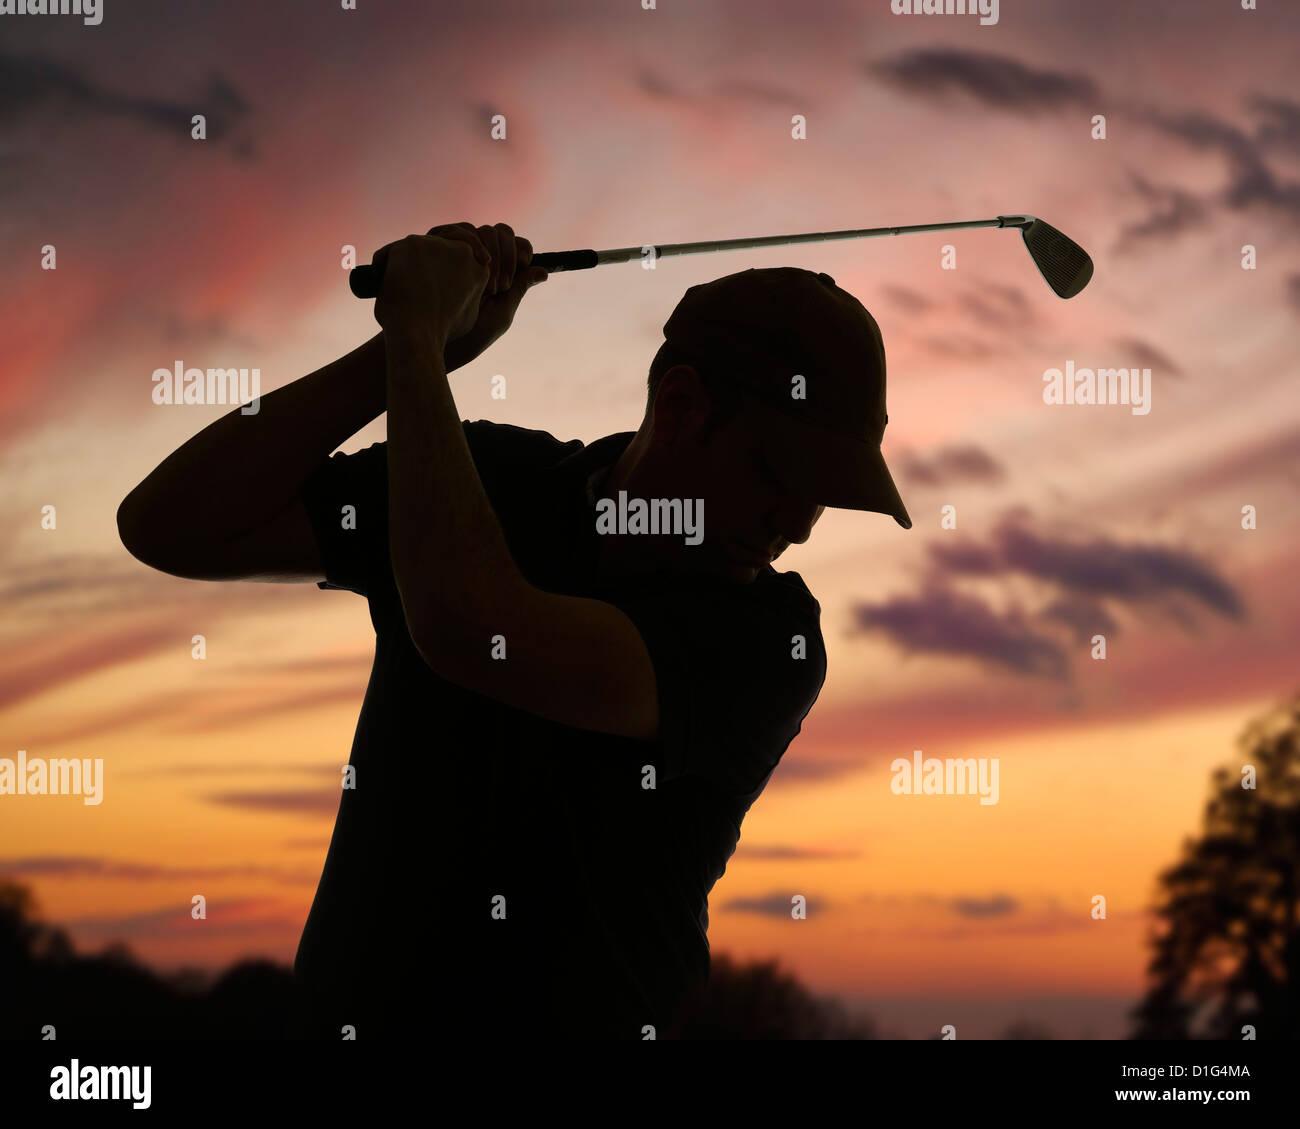 Il Golfer oscillazione un Golf Club stagliano contro un Cielo di tramonto. Close up. Immagini Stock